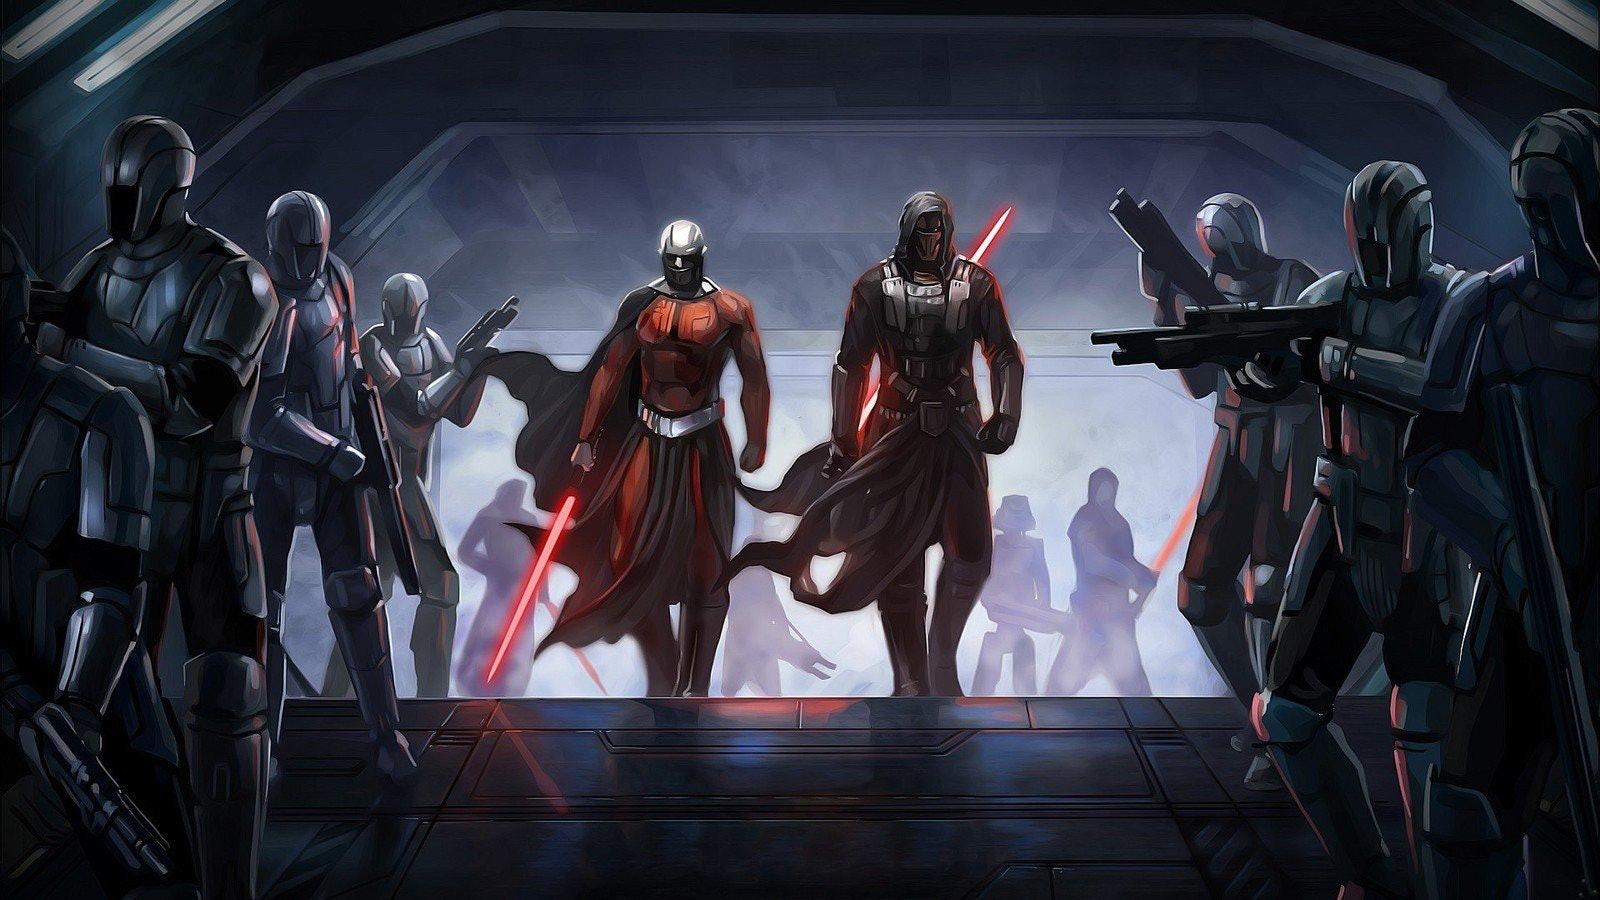 Star wars kotor free